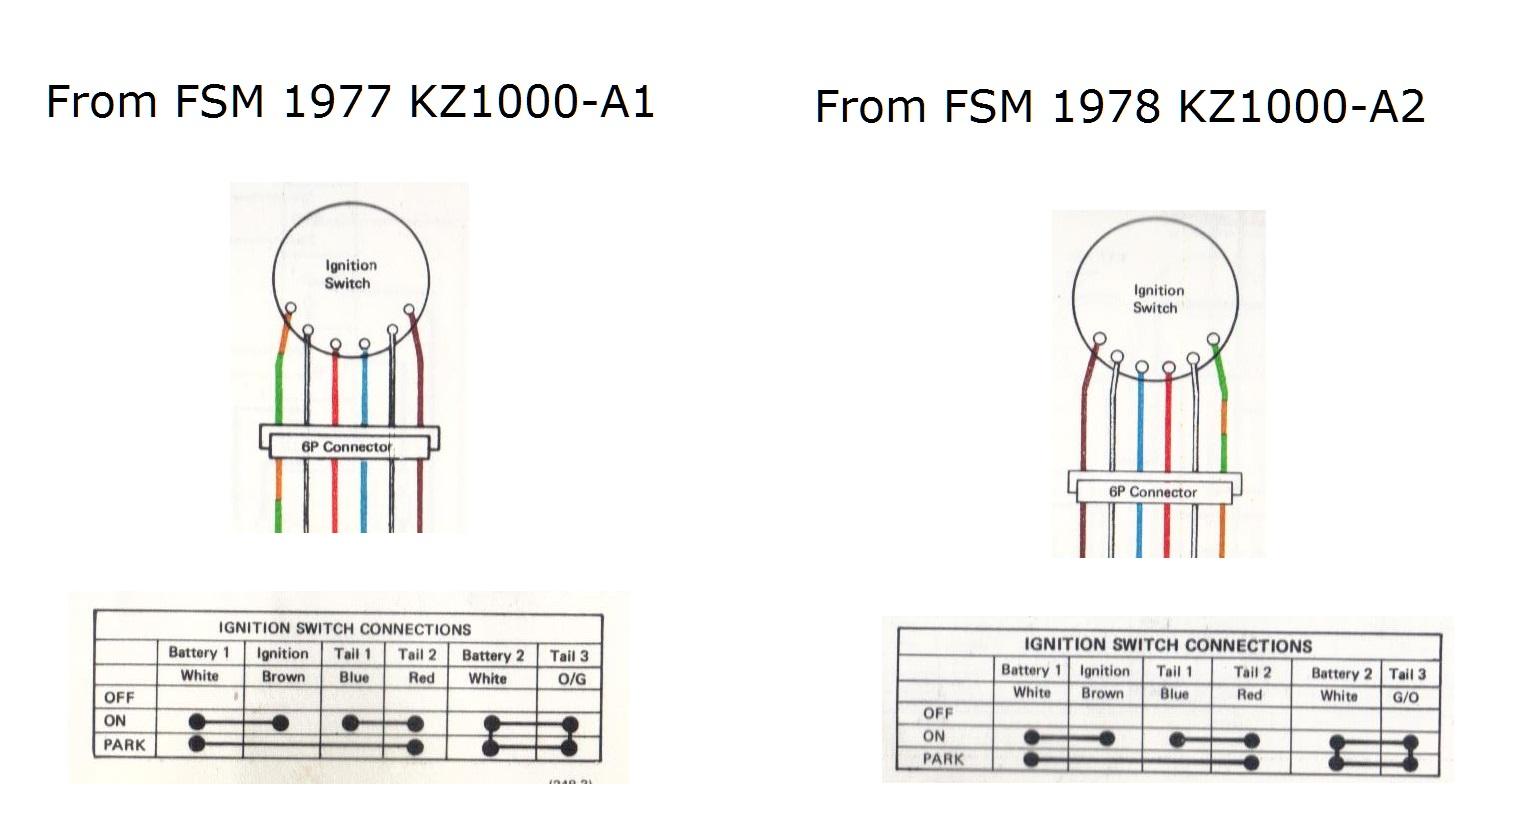 1977 Kz1000 Wiring Diagram - Free Download Wiring Diagram